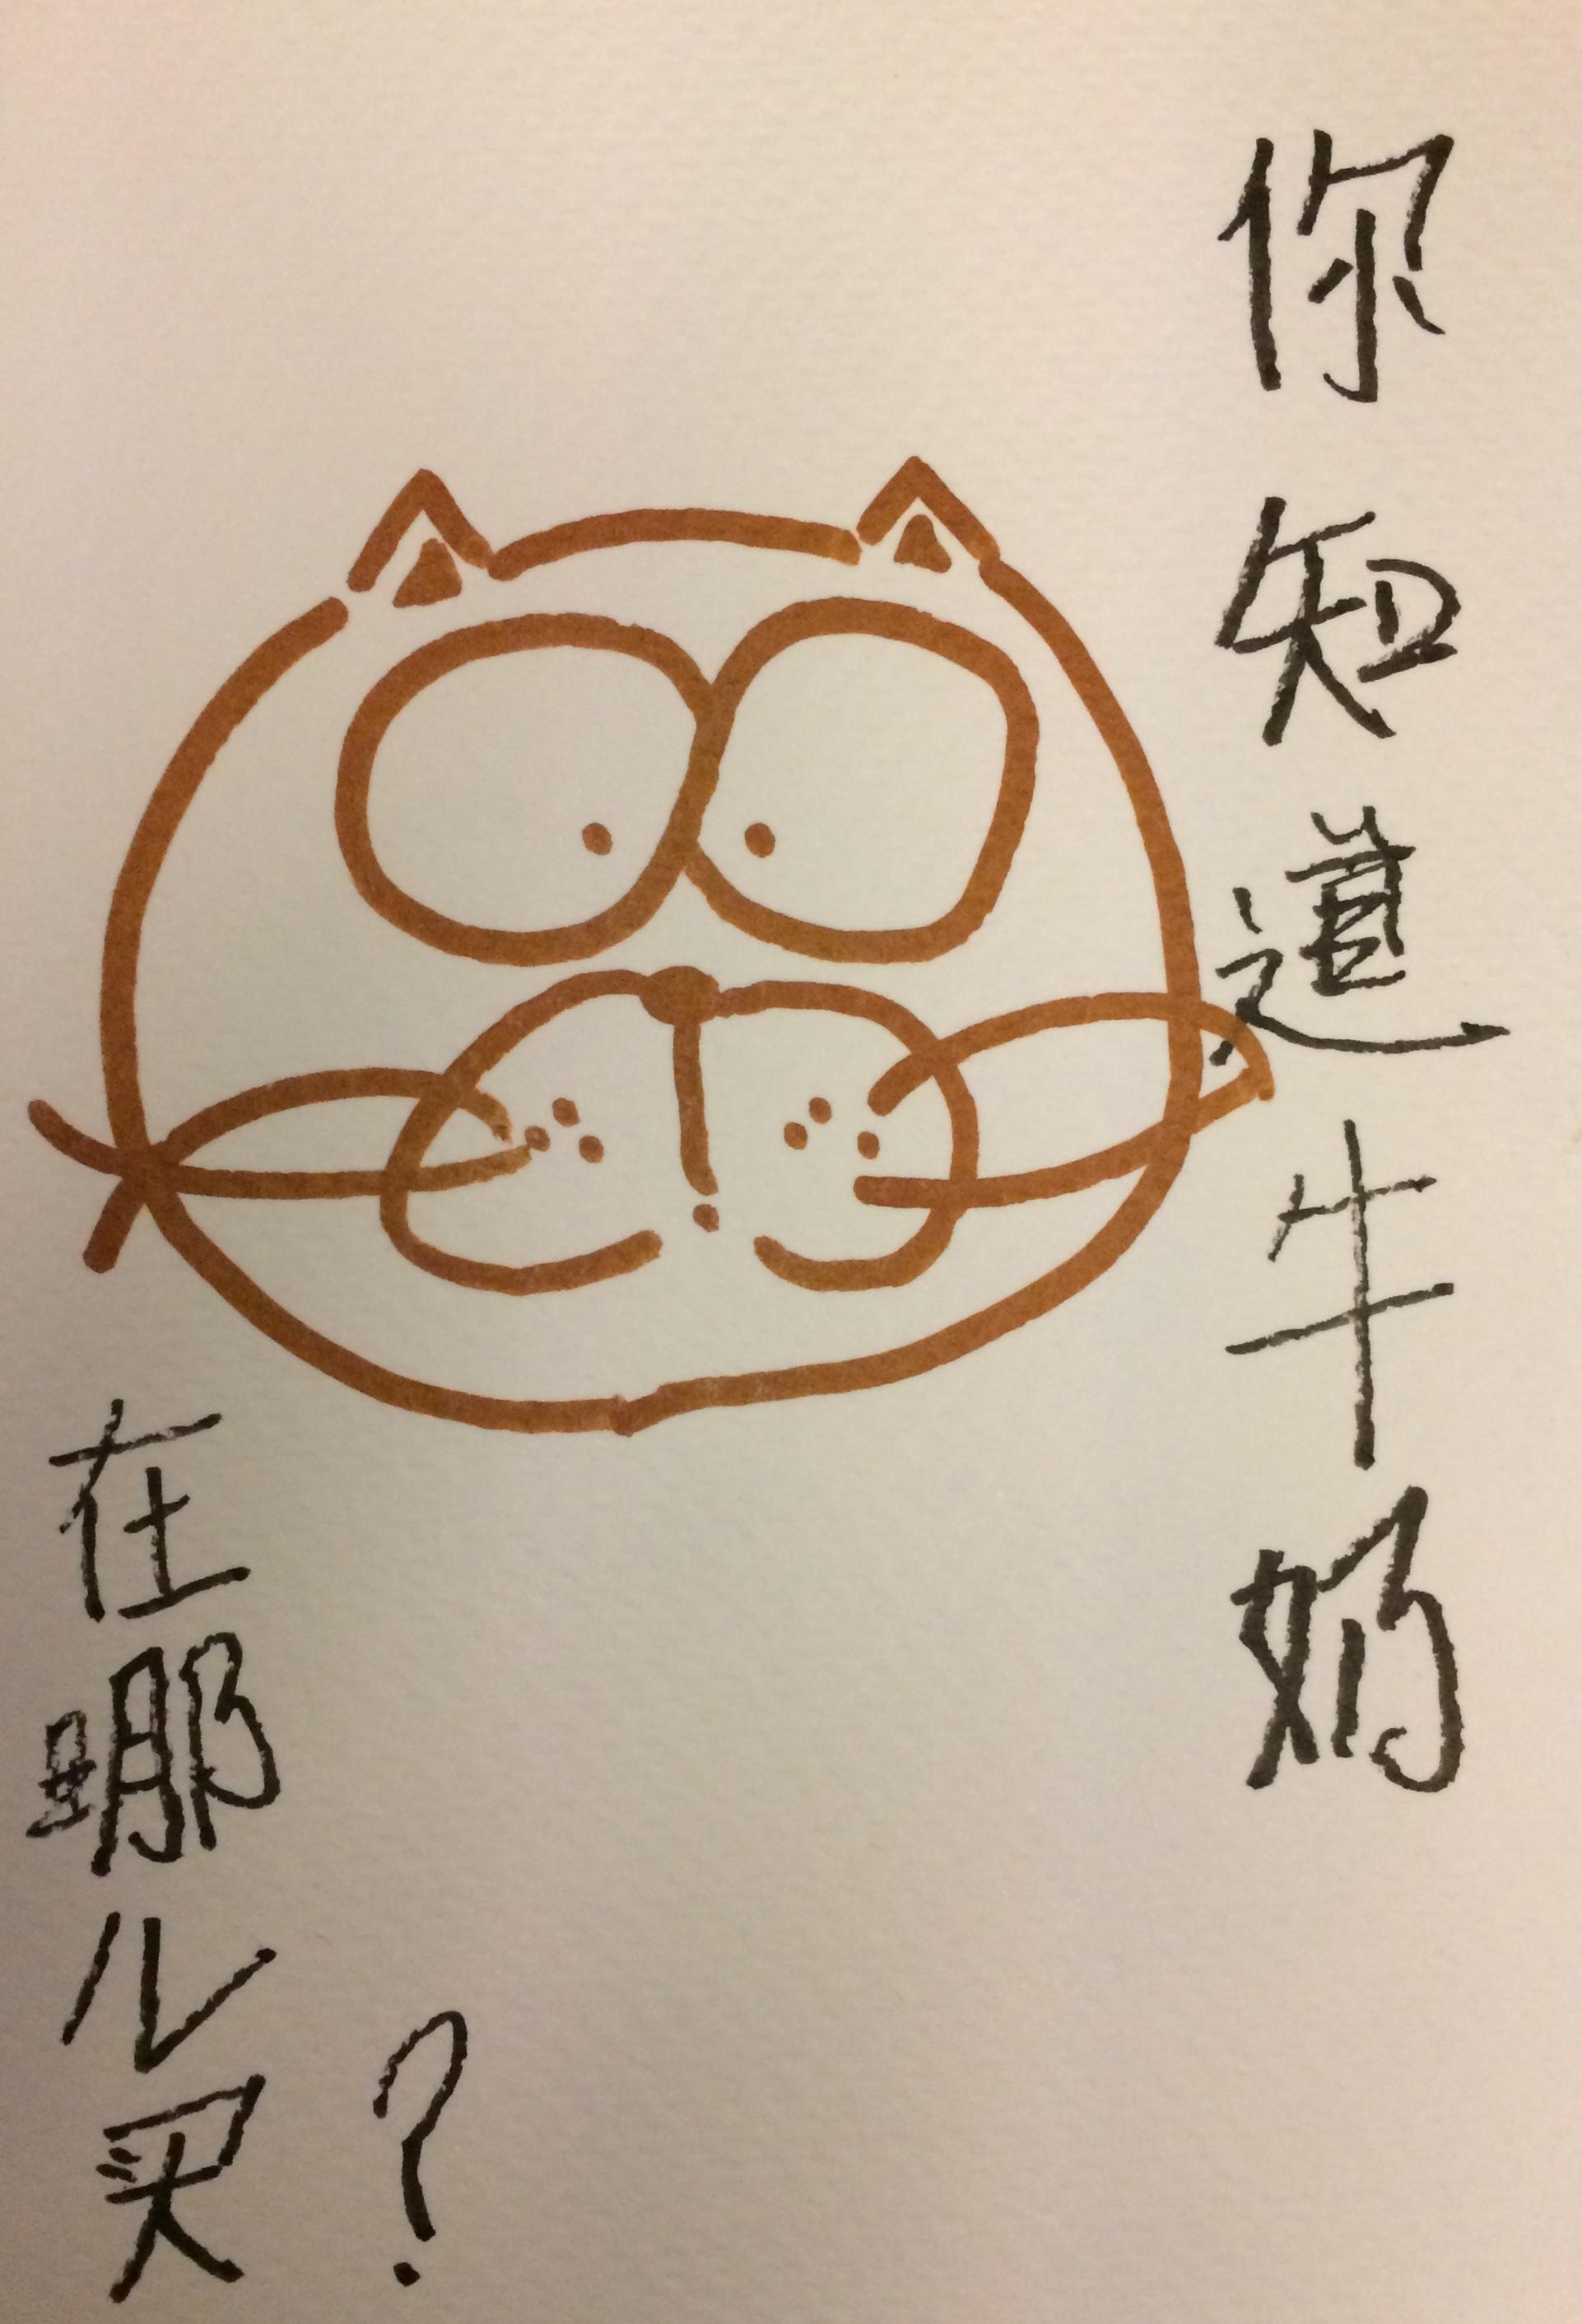 你知道牛奶在哪儿买 かわいい ドイツ語 仔猫 描く コミックス comics kitten kätzchen drawing ink